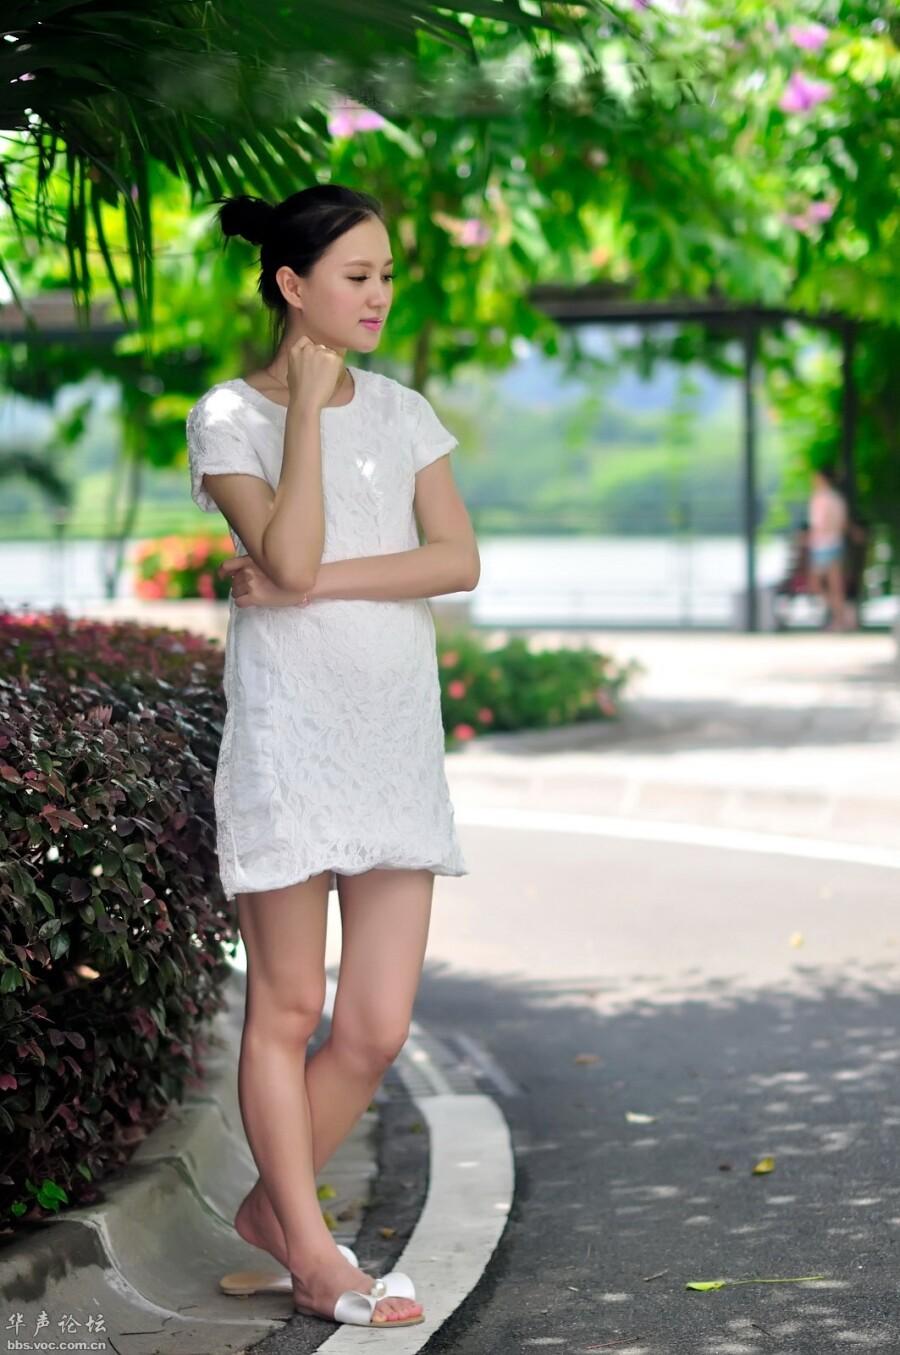 【高清大图;恬静自然的美少妇..】 - 下页 - 下页博客